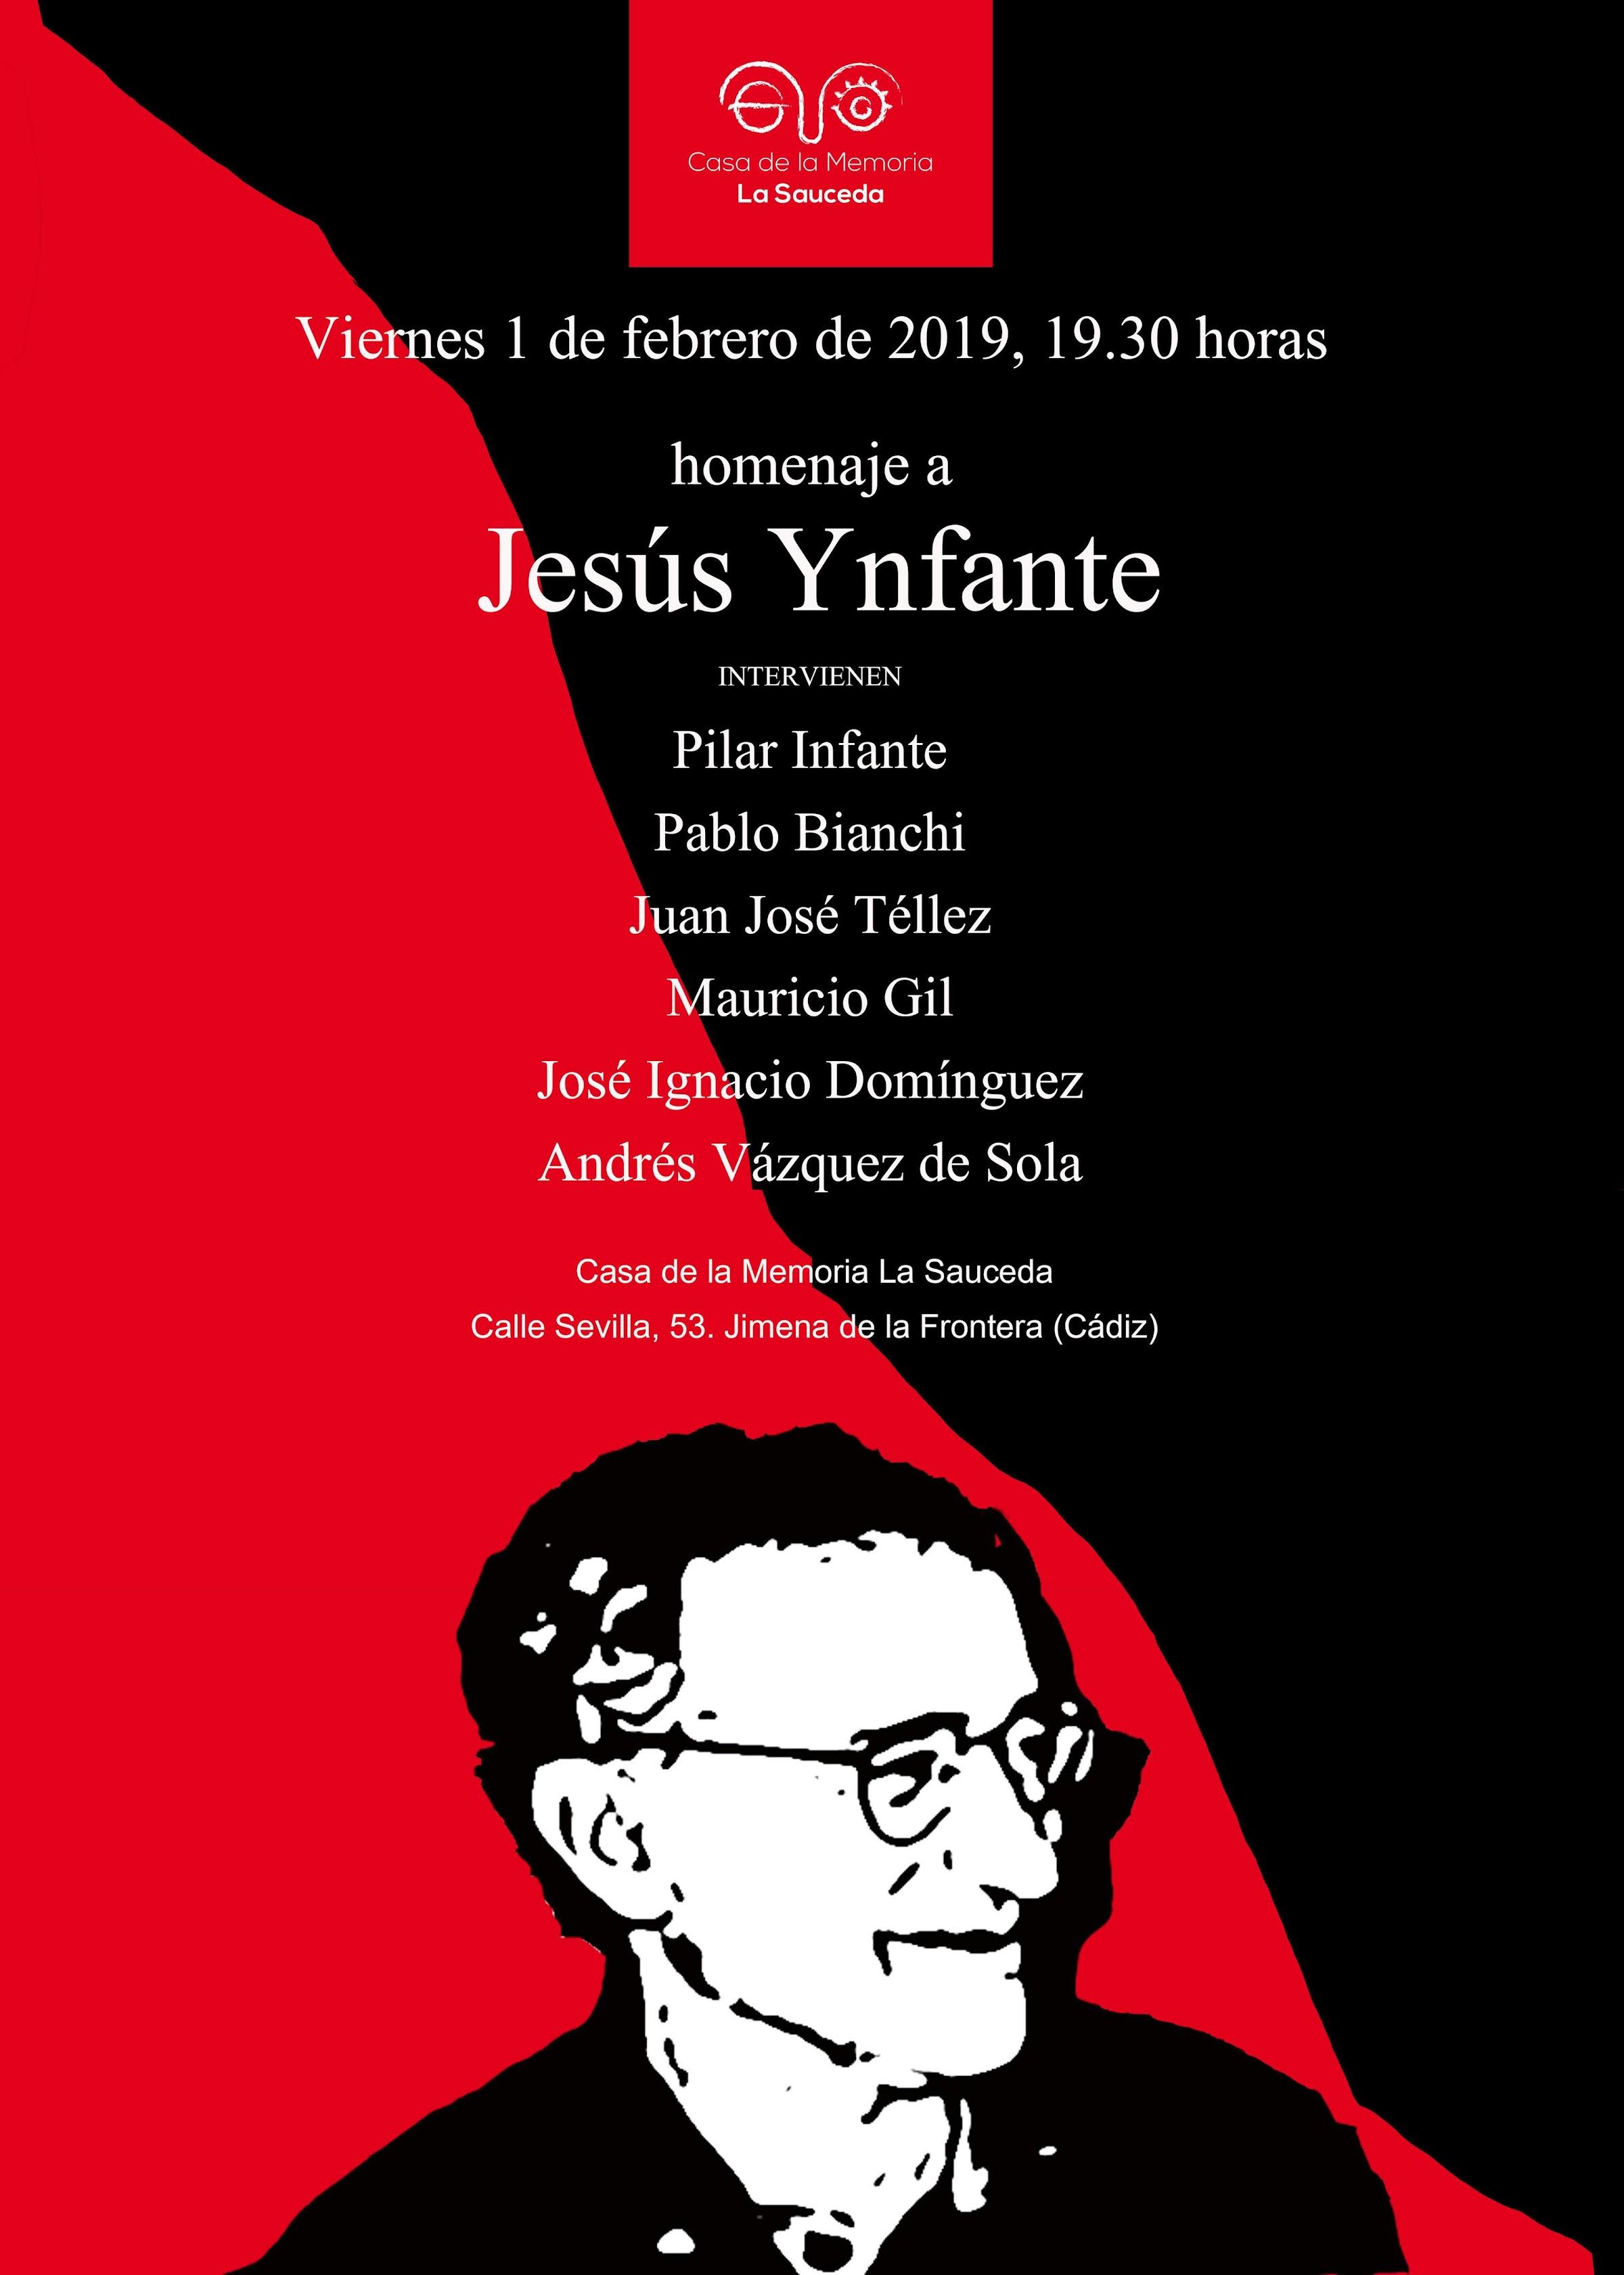 Escritores, periodistas, familiares y amigos de Jesús Ynfante le rendirán un homenaje póstumo